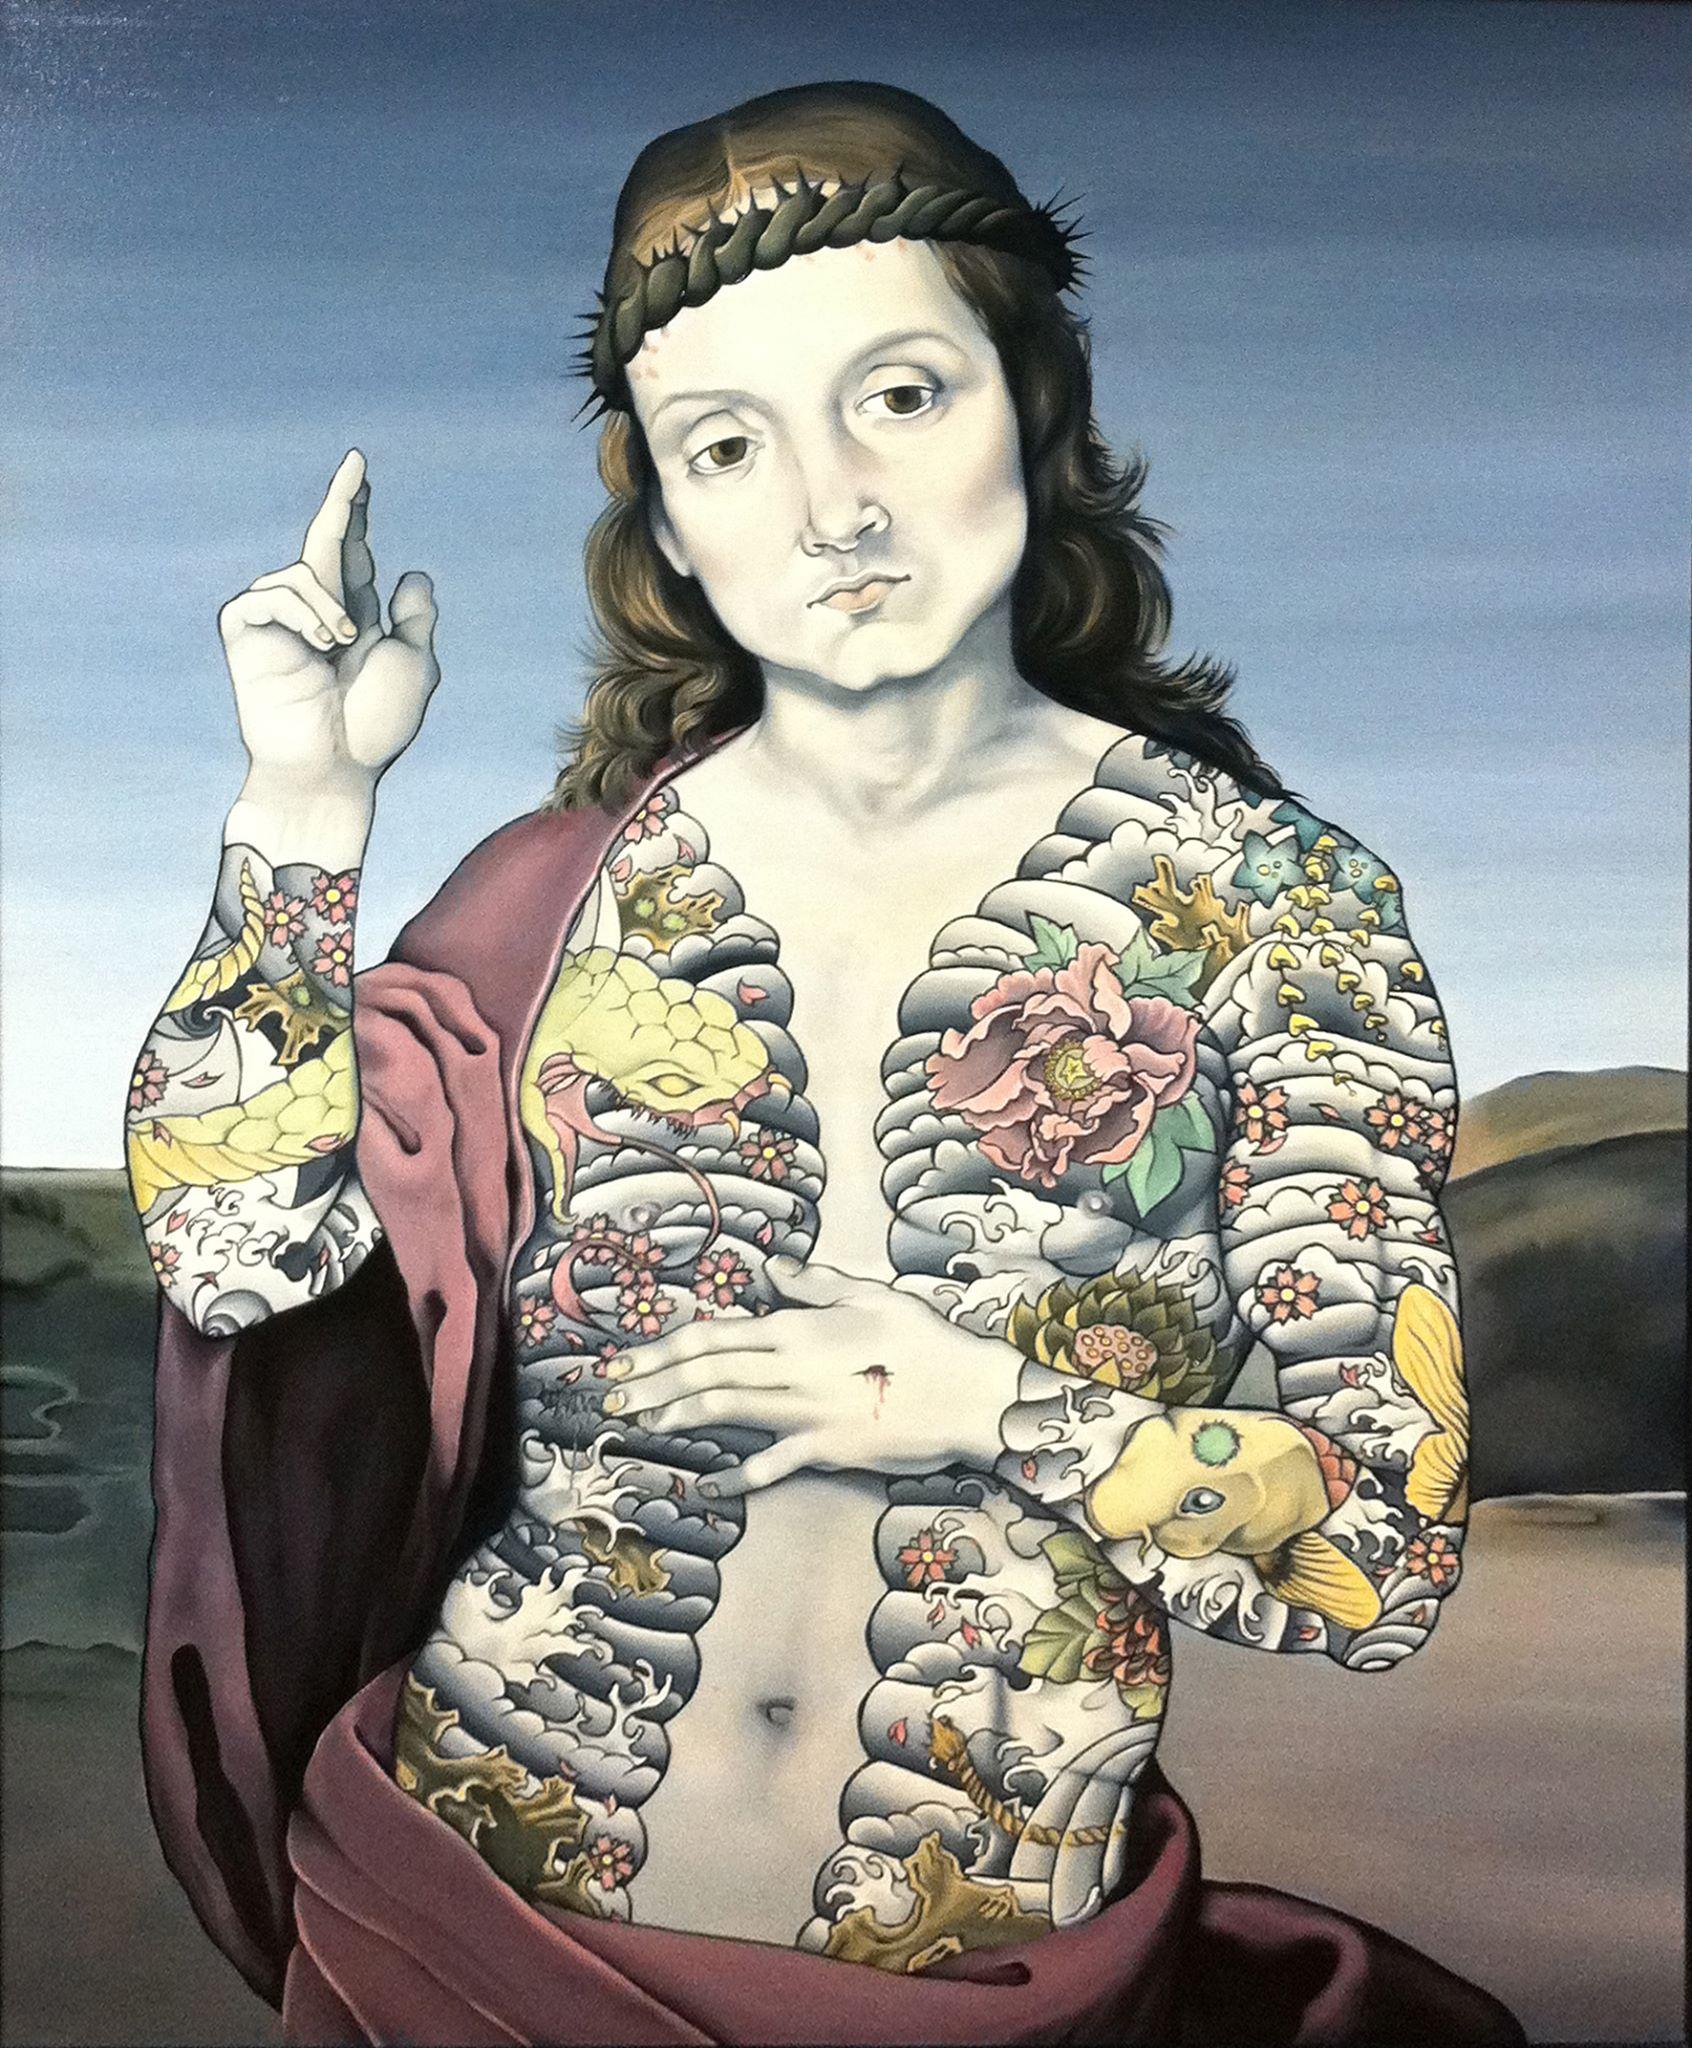 Le Christ bénissant, Raphaël, tatouages traditionnels japonais